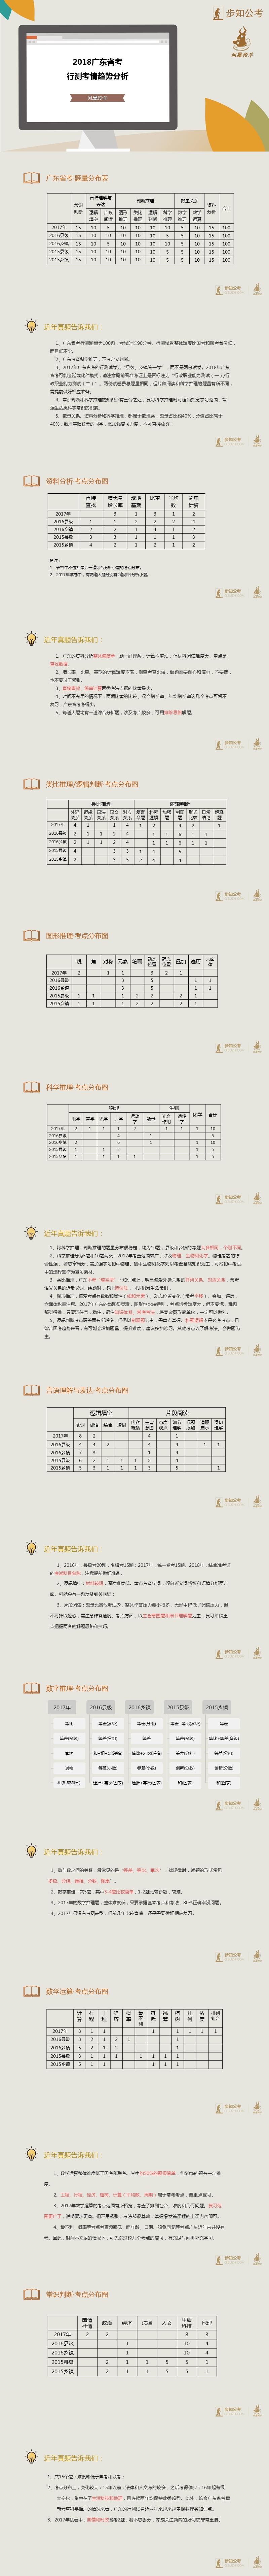 广东省考考情分析.jpg